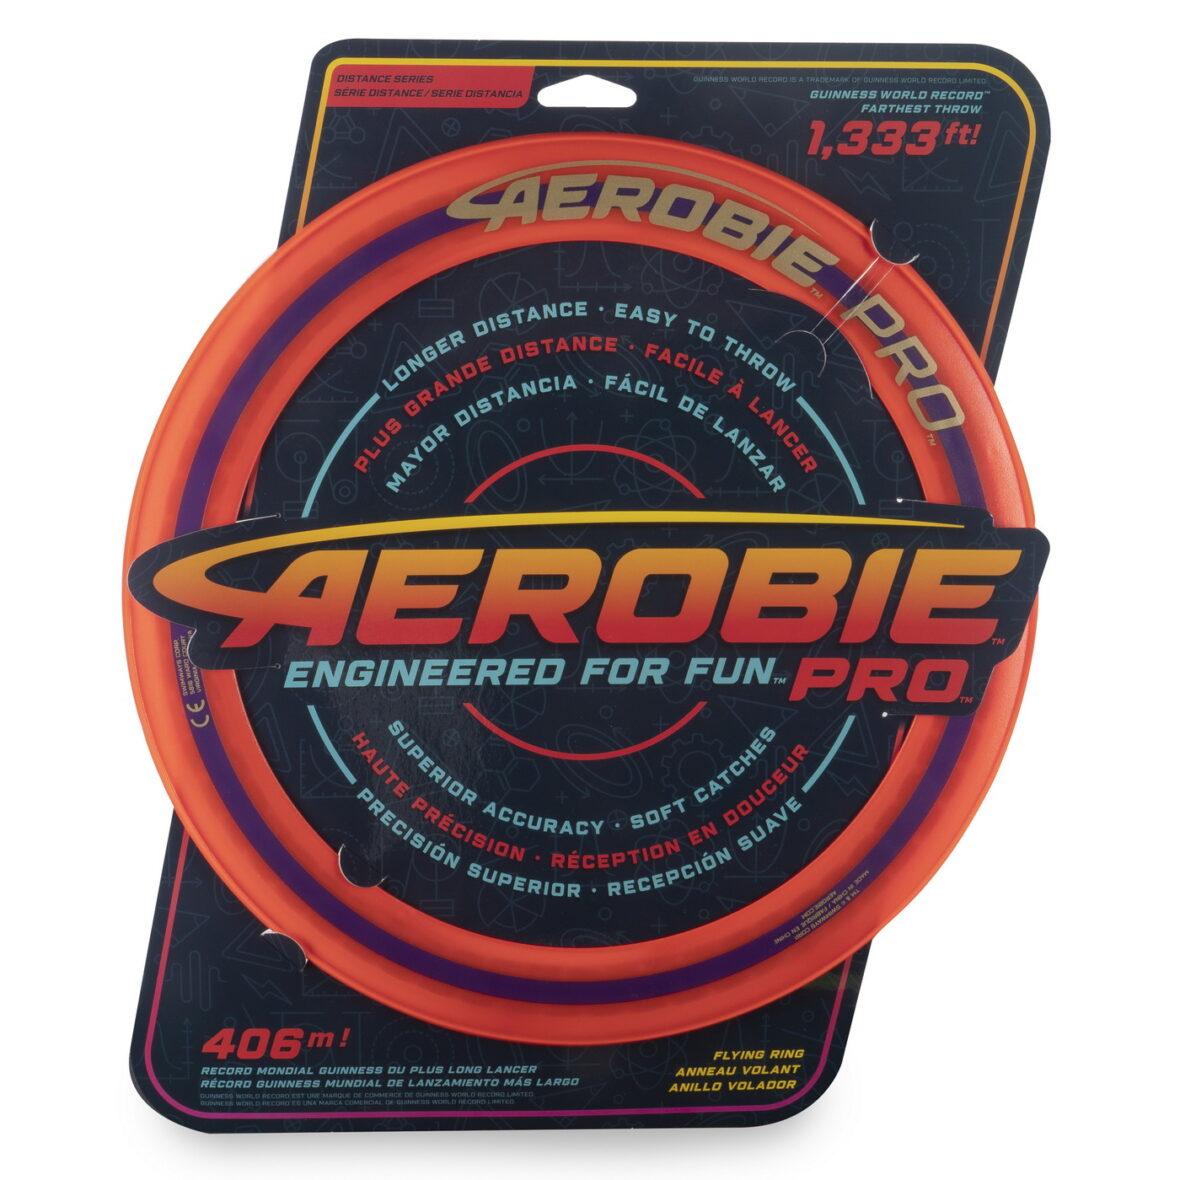 Swimways  Aerobie Pro Disc Zburator Portocaliu Record Mondial 406 Metri